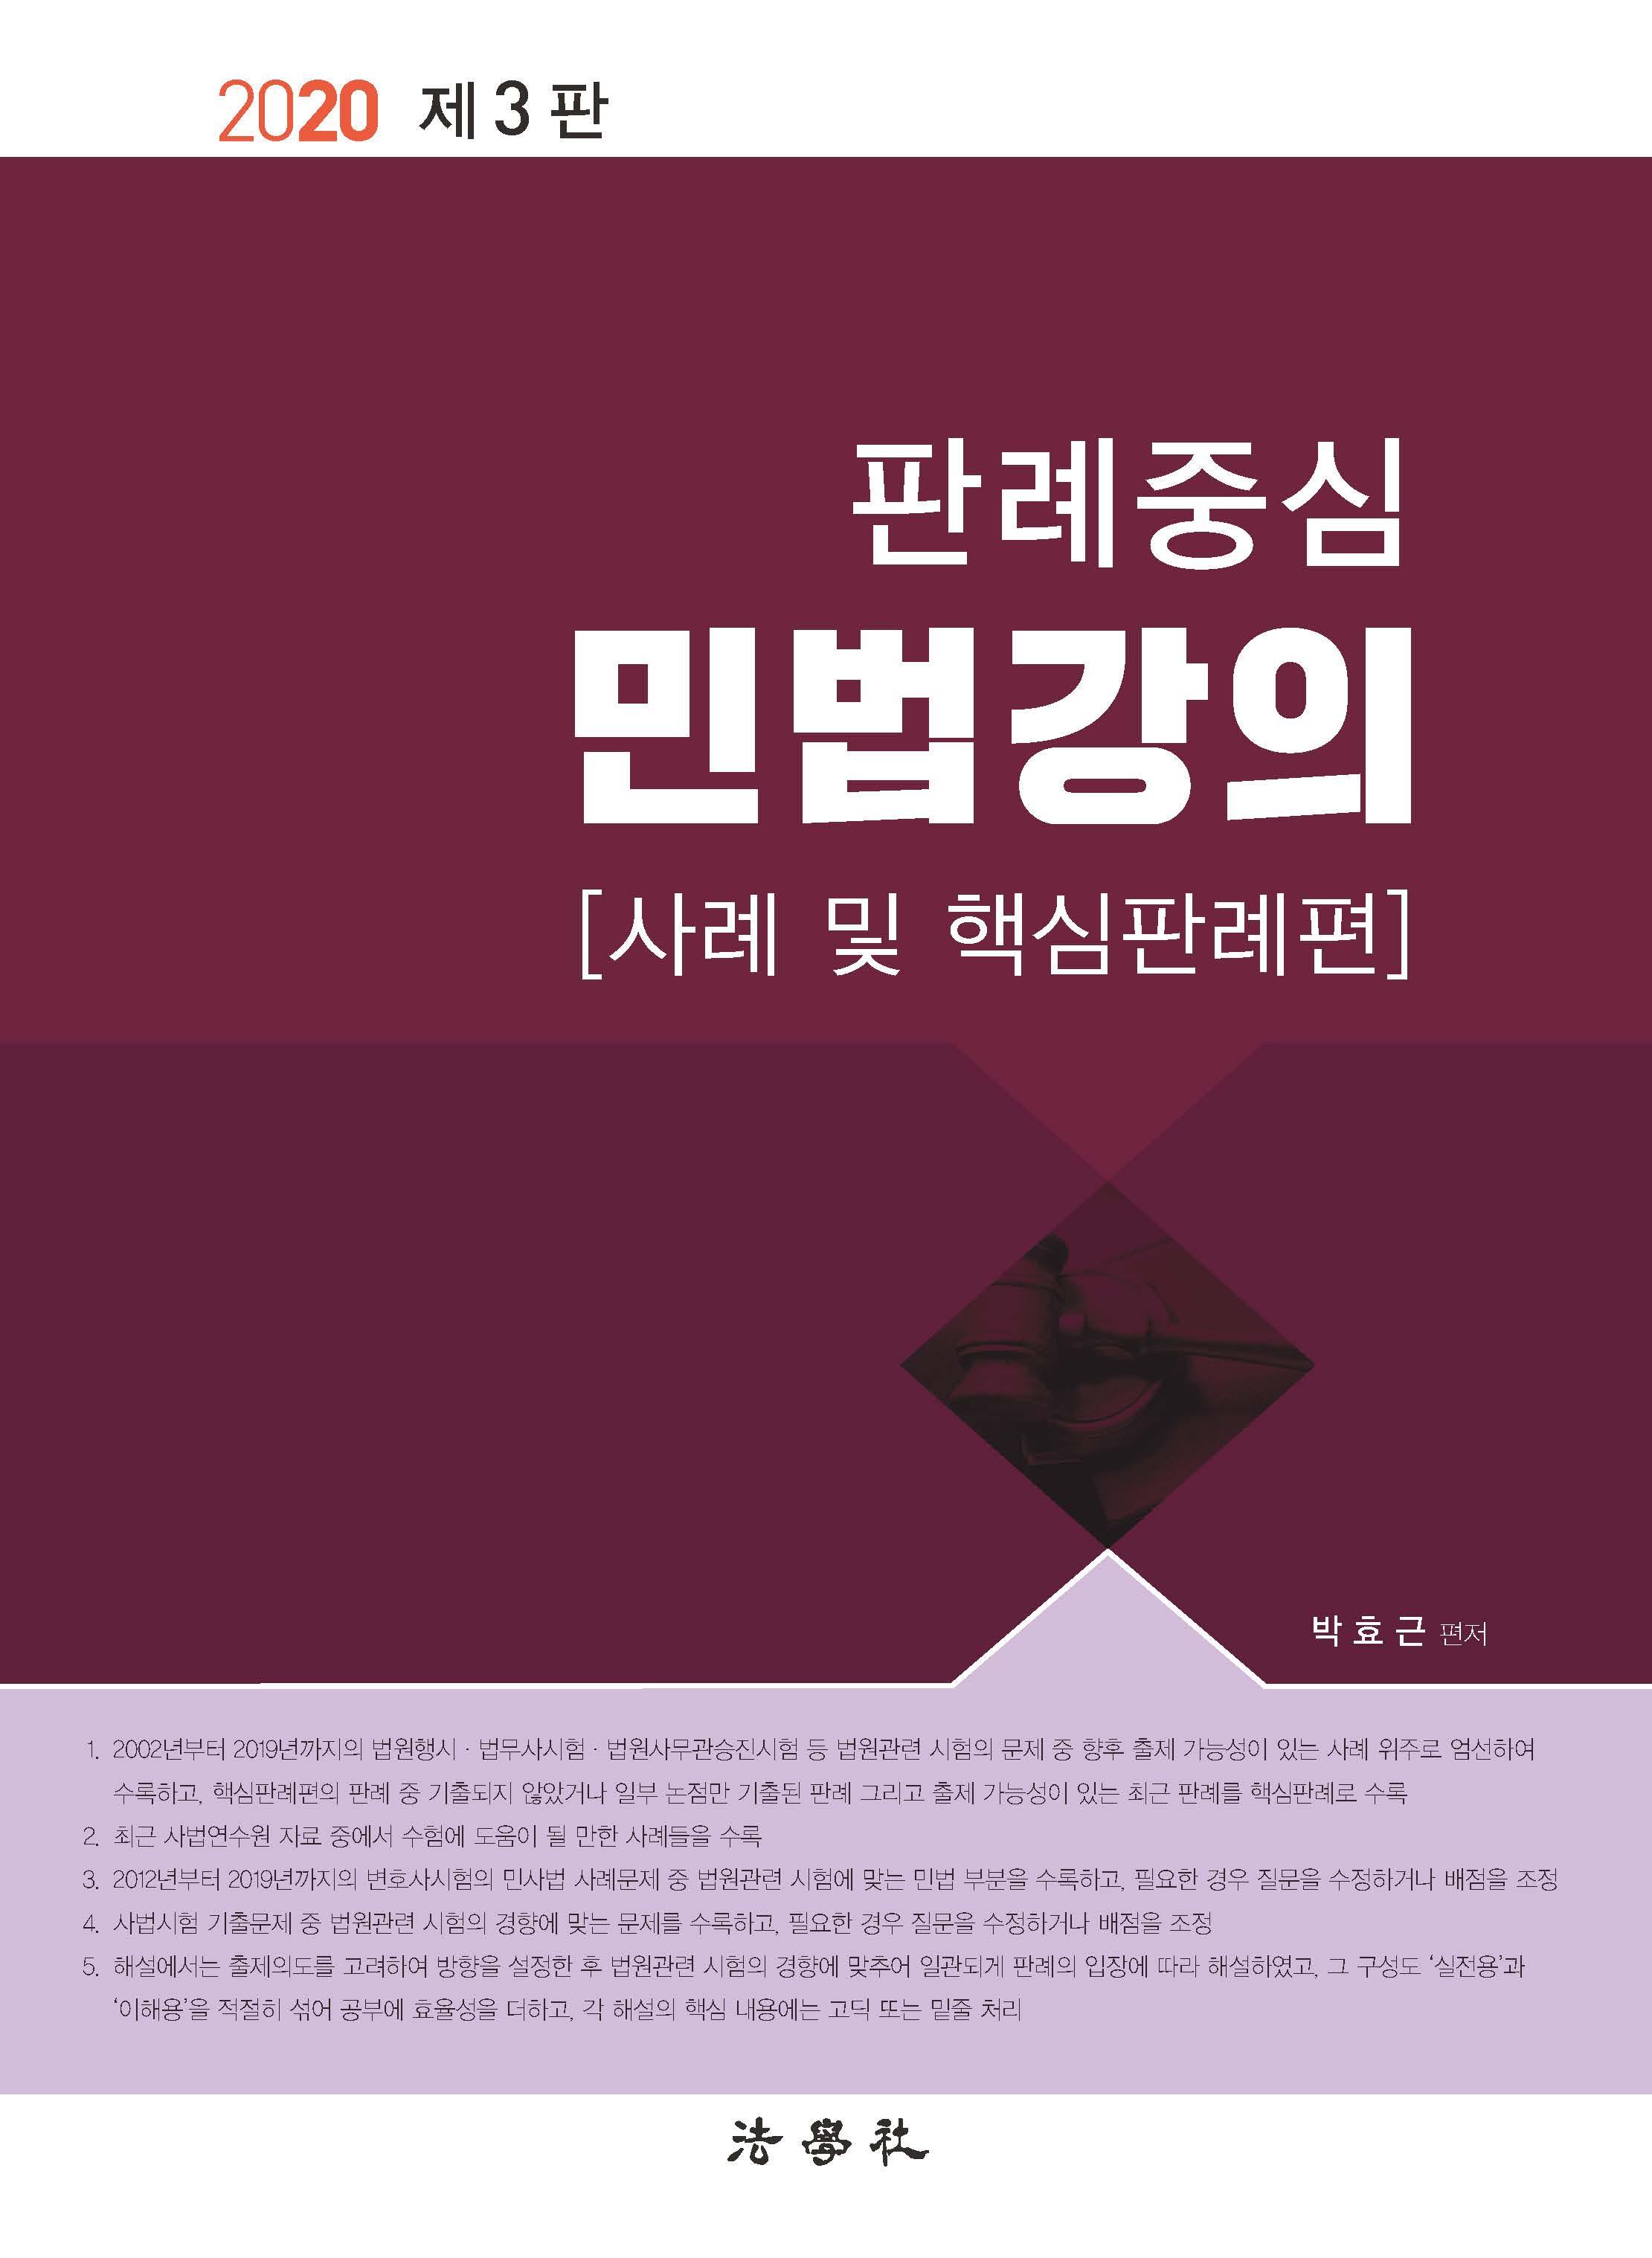 [법무사] 2020 판례중심 민법강의 사례 및 핵심판례편 (박효근 저)